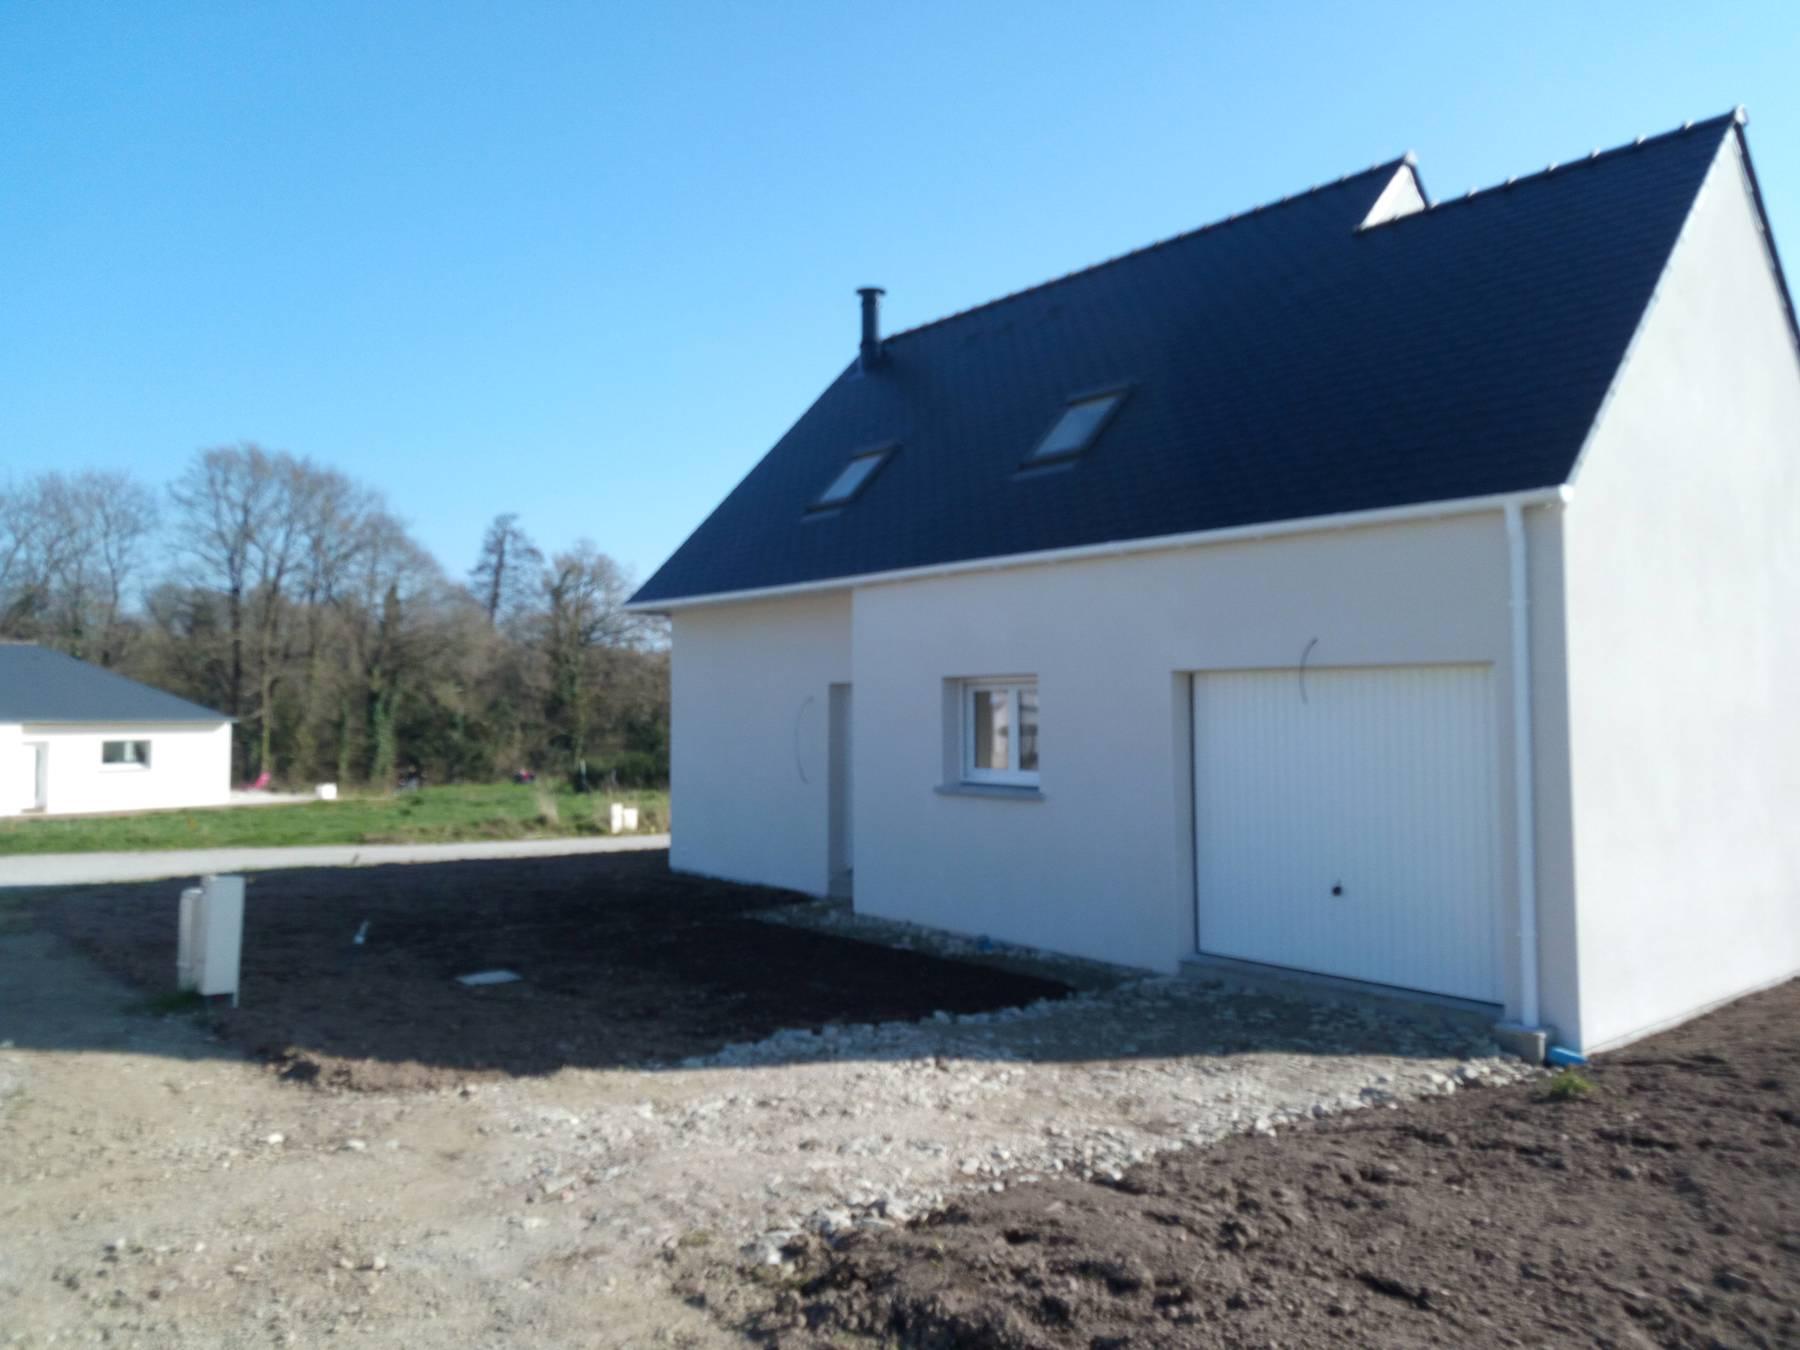 Maisons pep 39 s nouveau constructeur dans le morbihan for Salon habitat vannes 2017